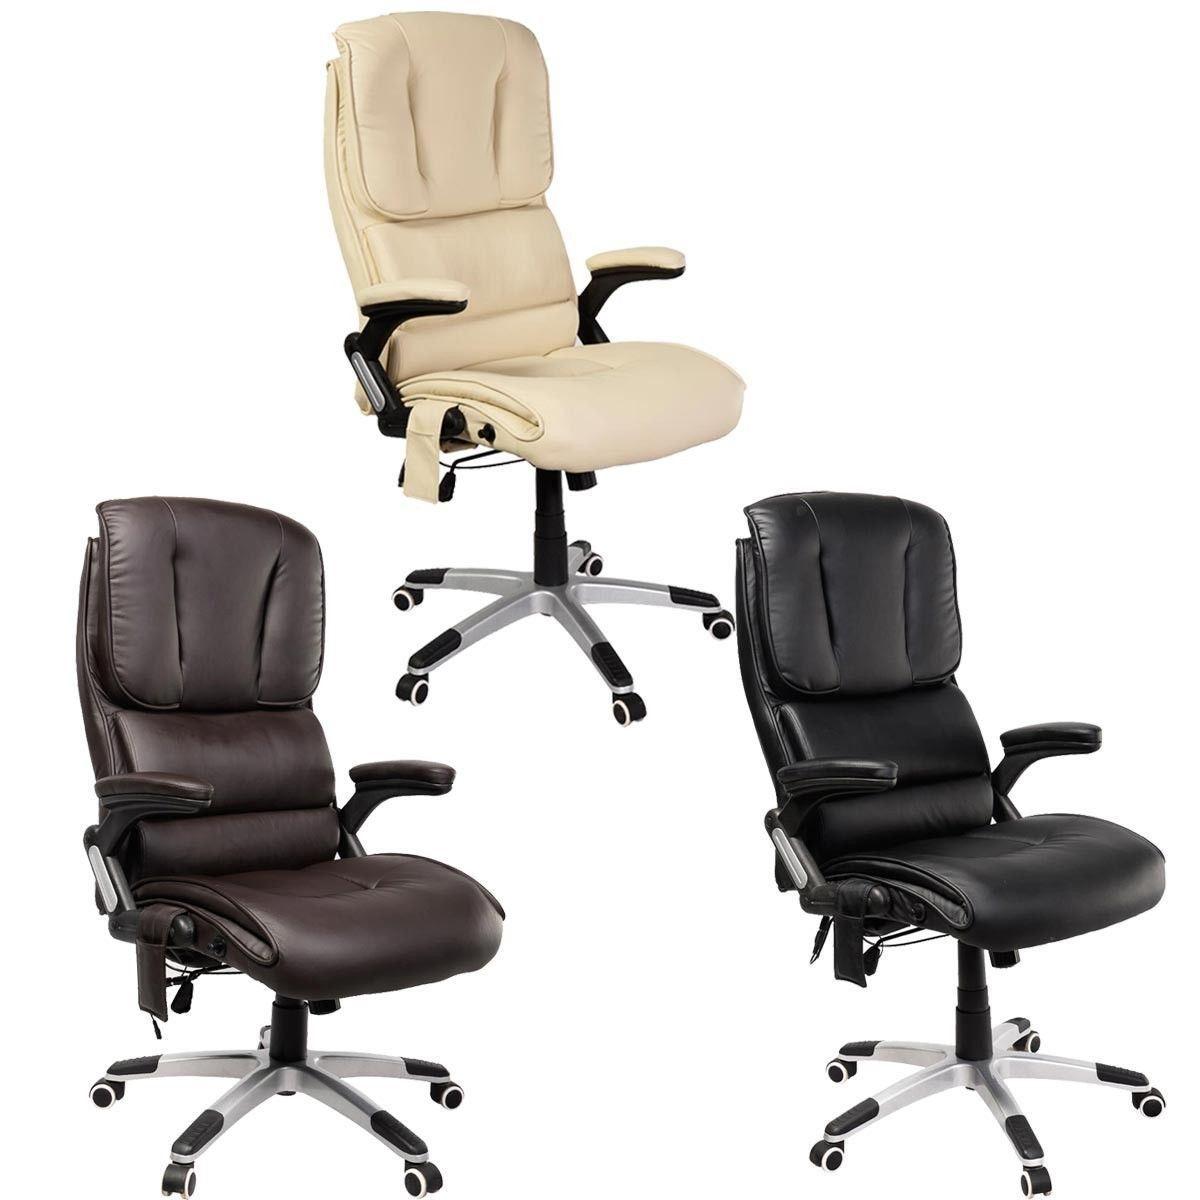 massage Büro Stühle | BüroMöbel | Pinterest | Büromöbel, Stuhl und Büros